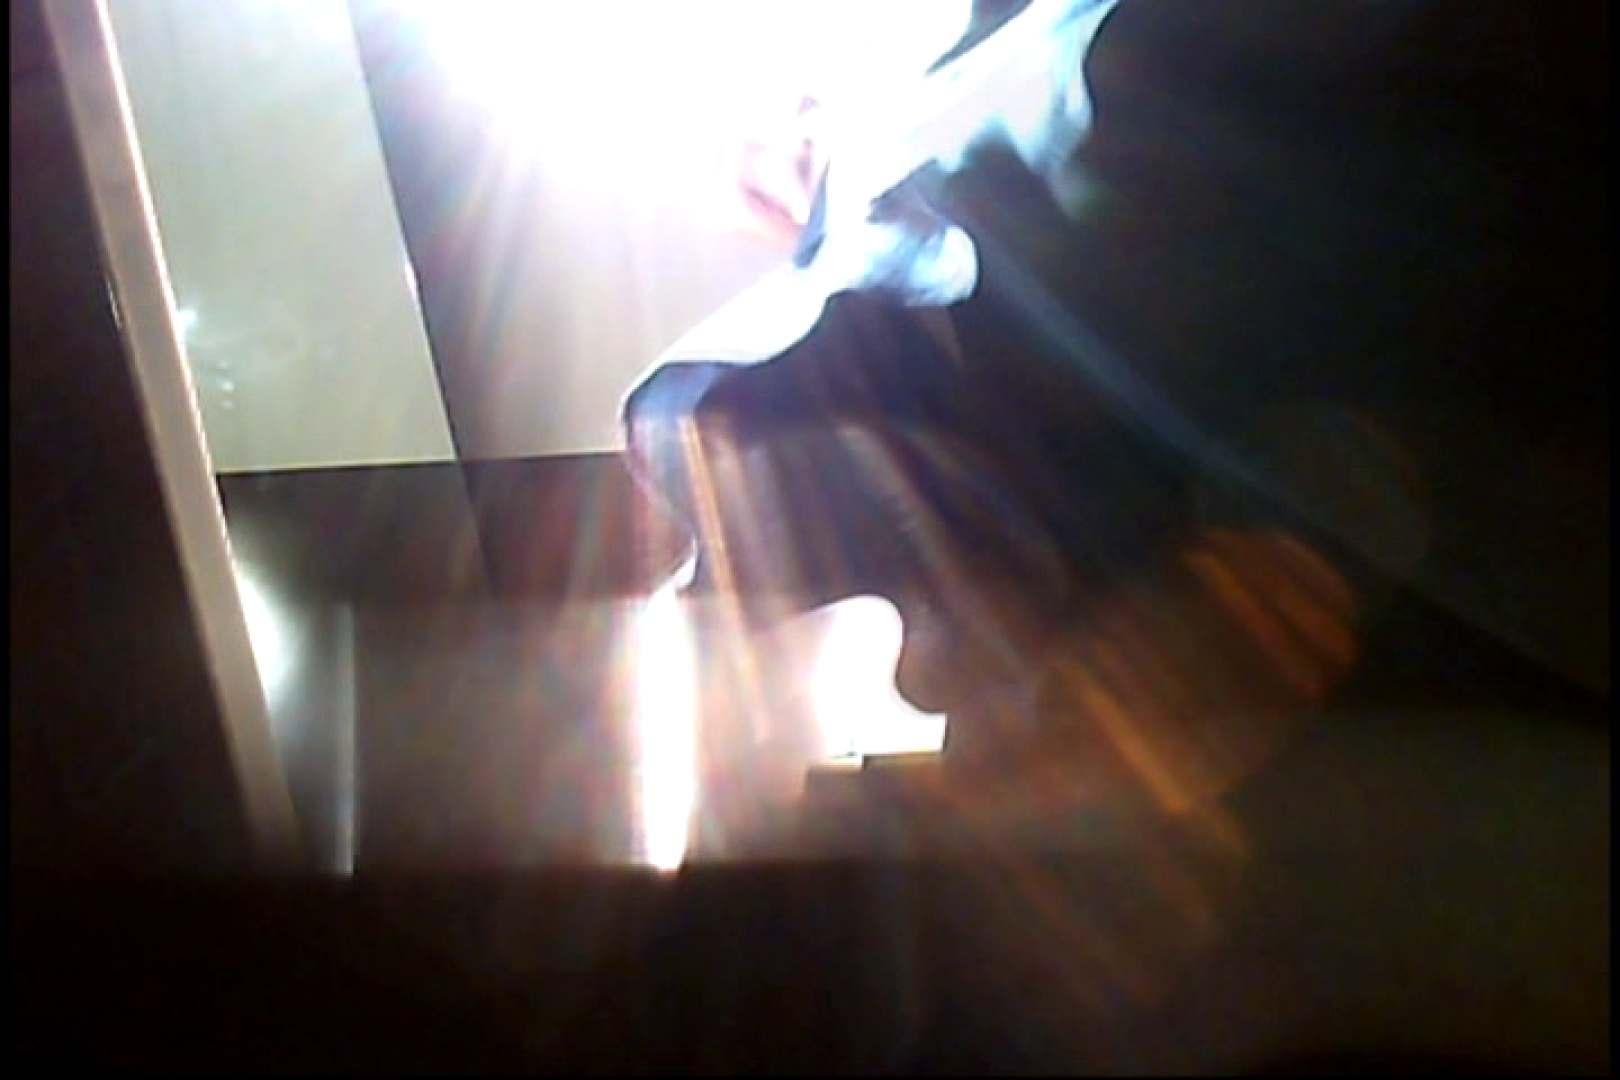 亀さんかわや VIPバージョン! vol.38 厠隠し撮り アダルト動画キャプチャ 107pic 46